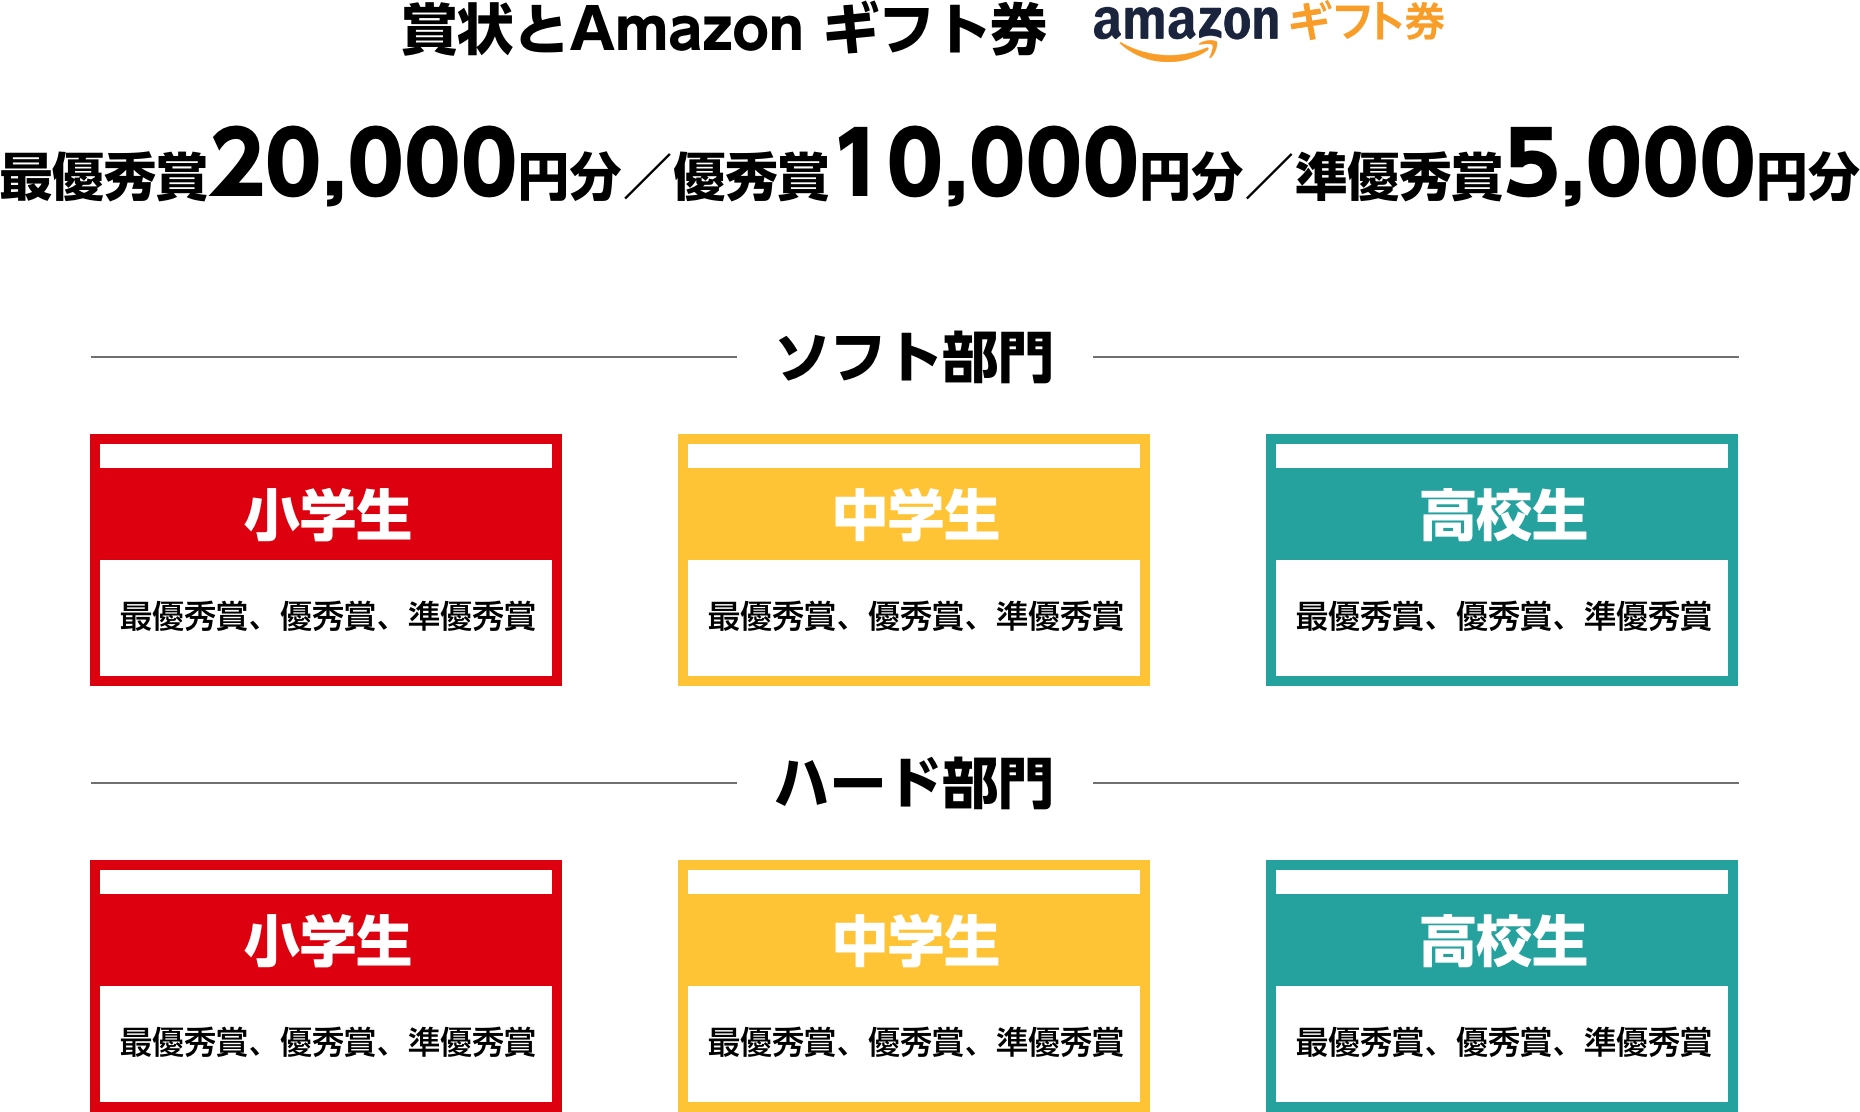 賞状とAmazon ギフト券 最優秀賞20,000円分/優秀賞10,000円分/準優秀賞5,000円分